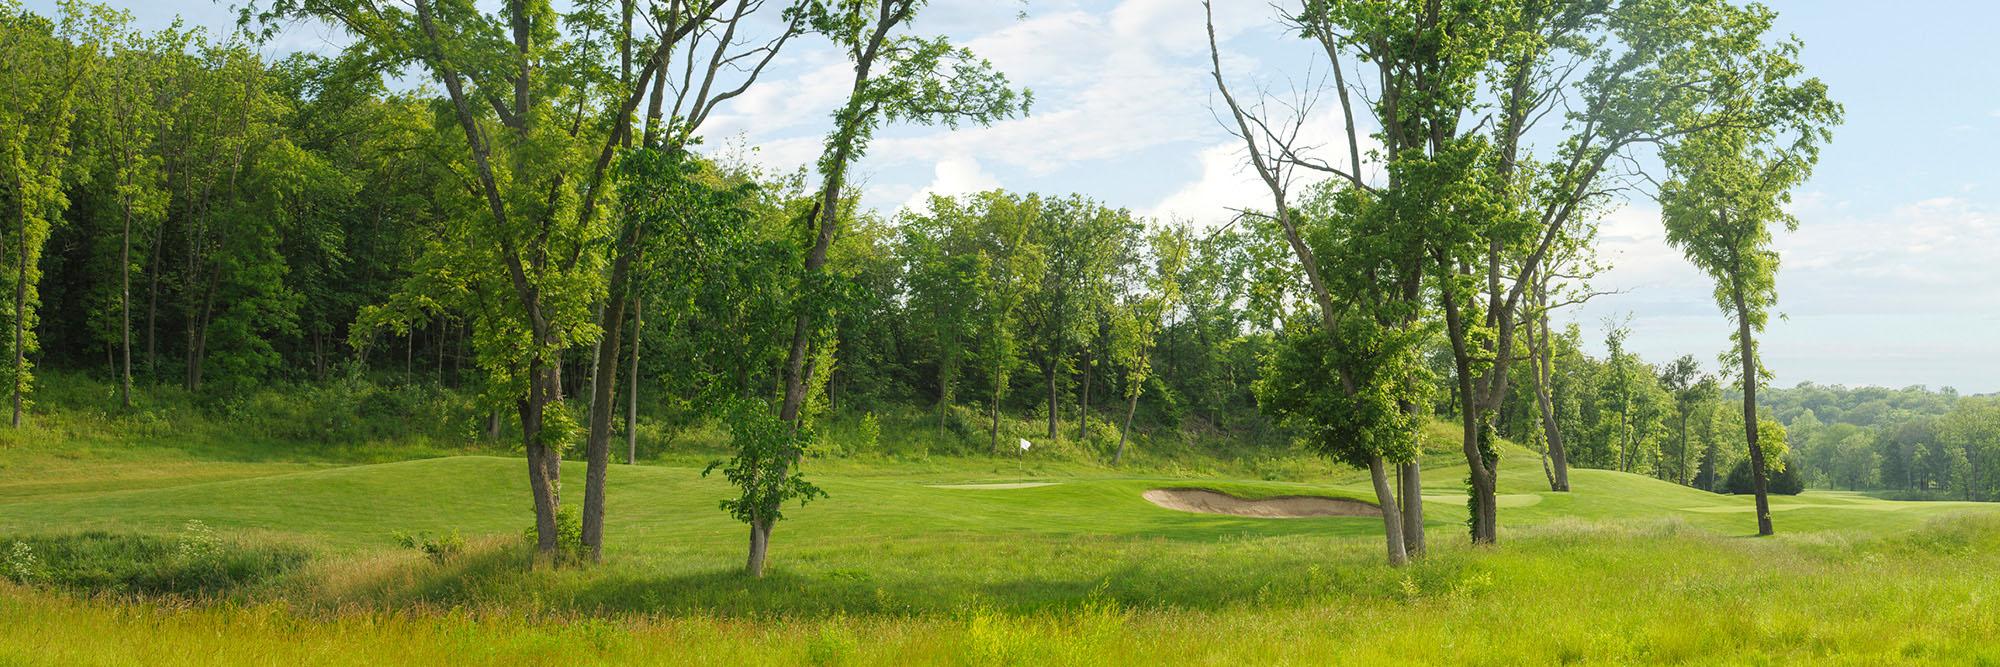 Golf Course Image - Loch Lloyd No. 6